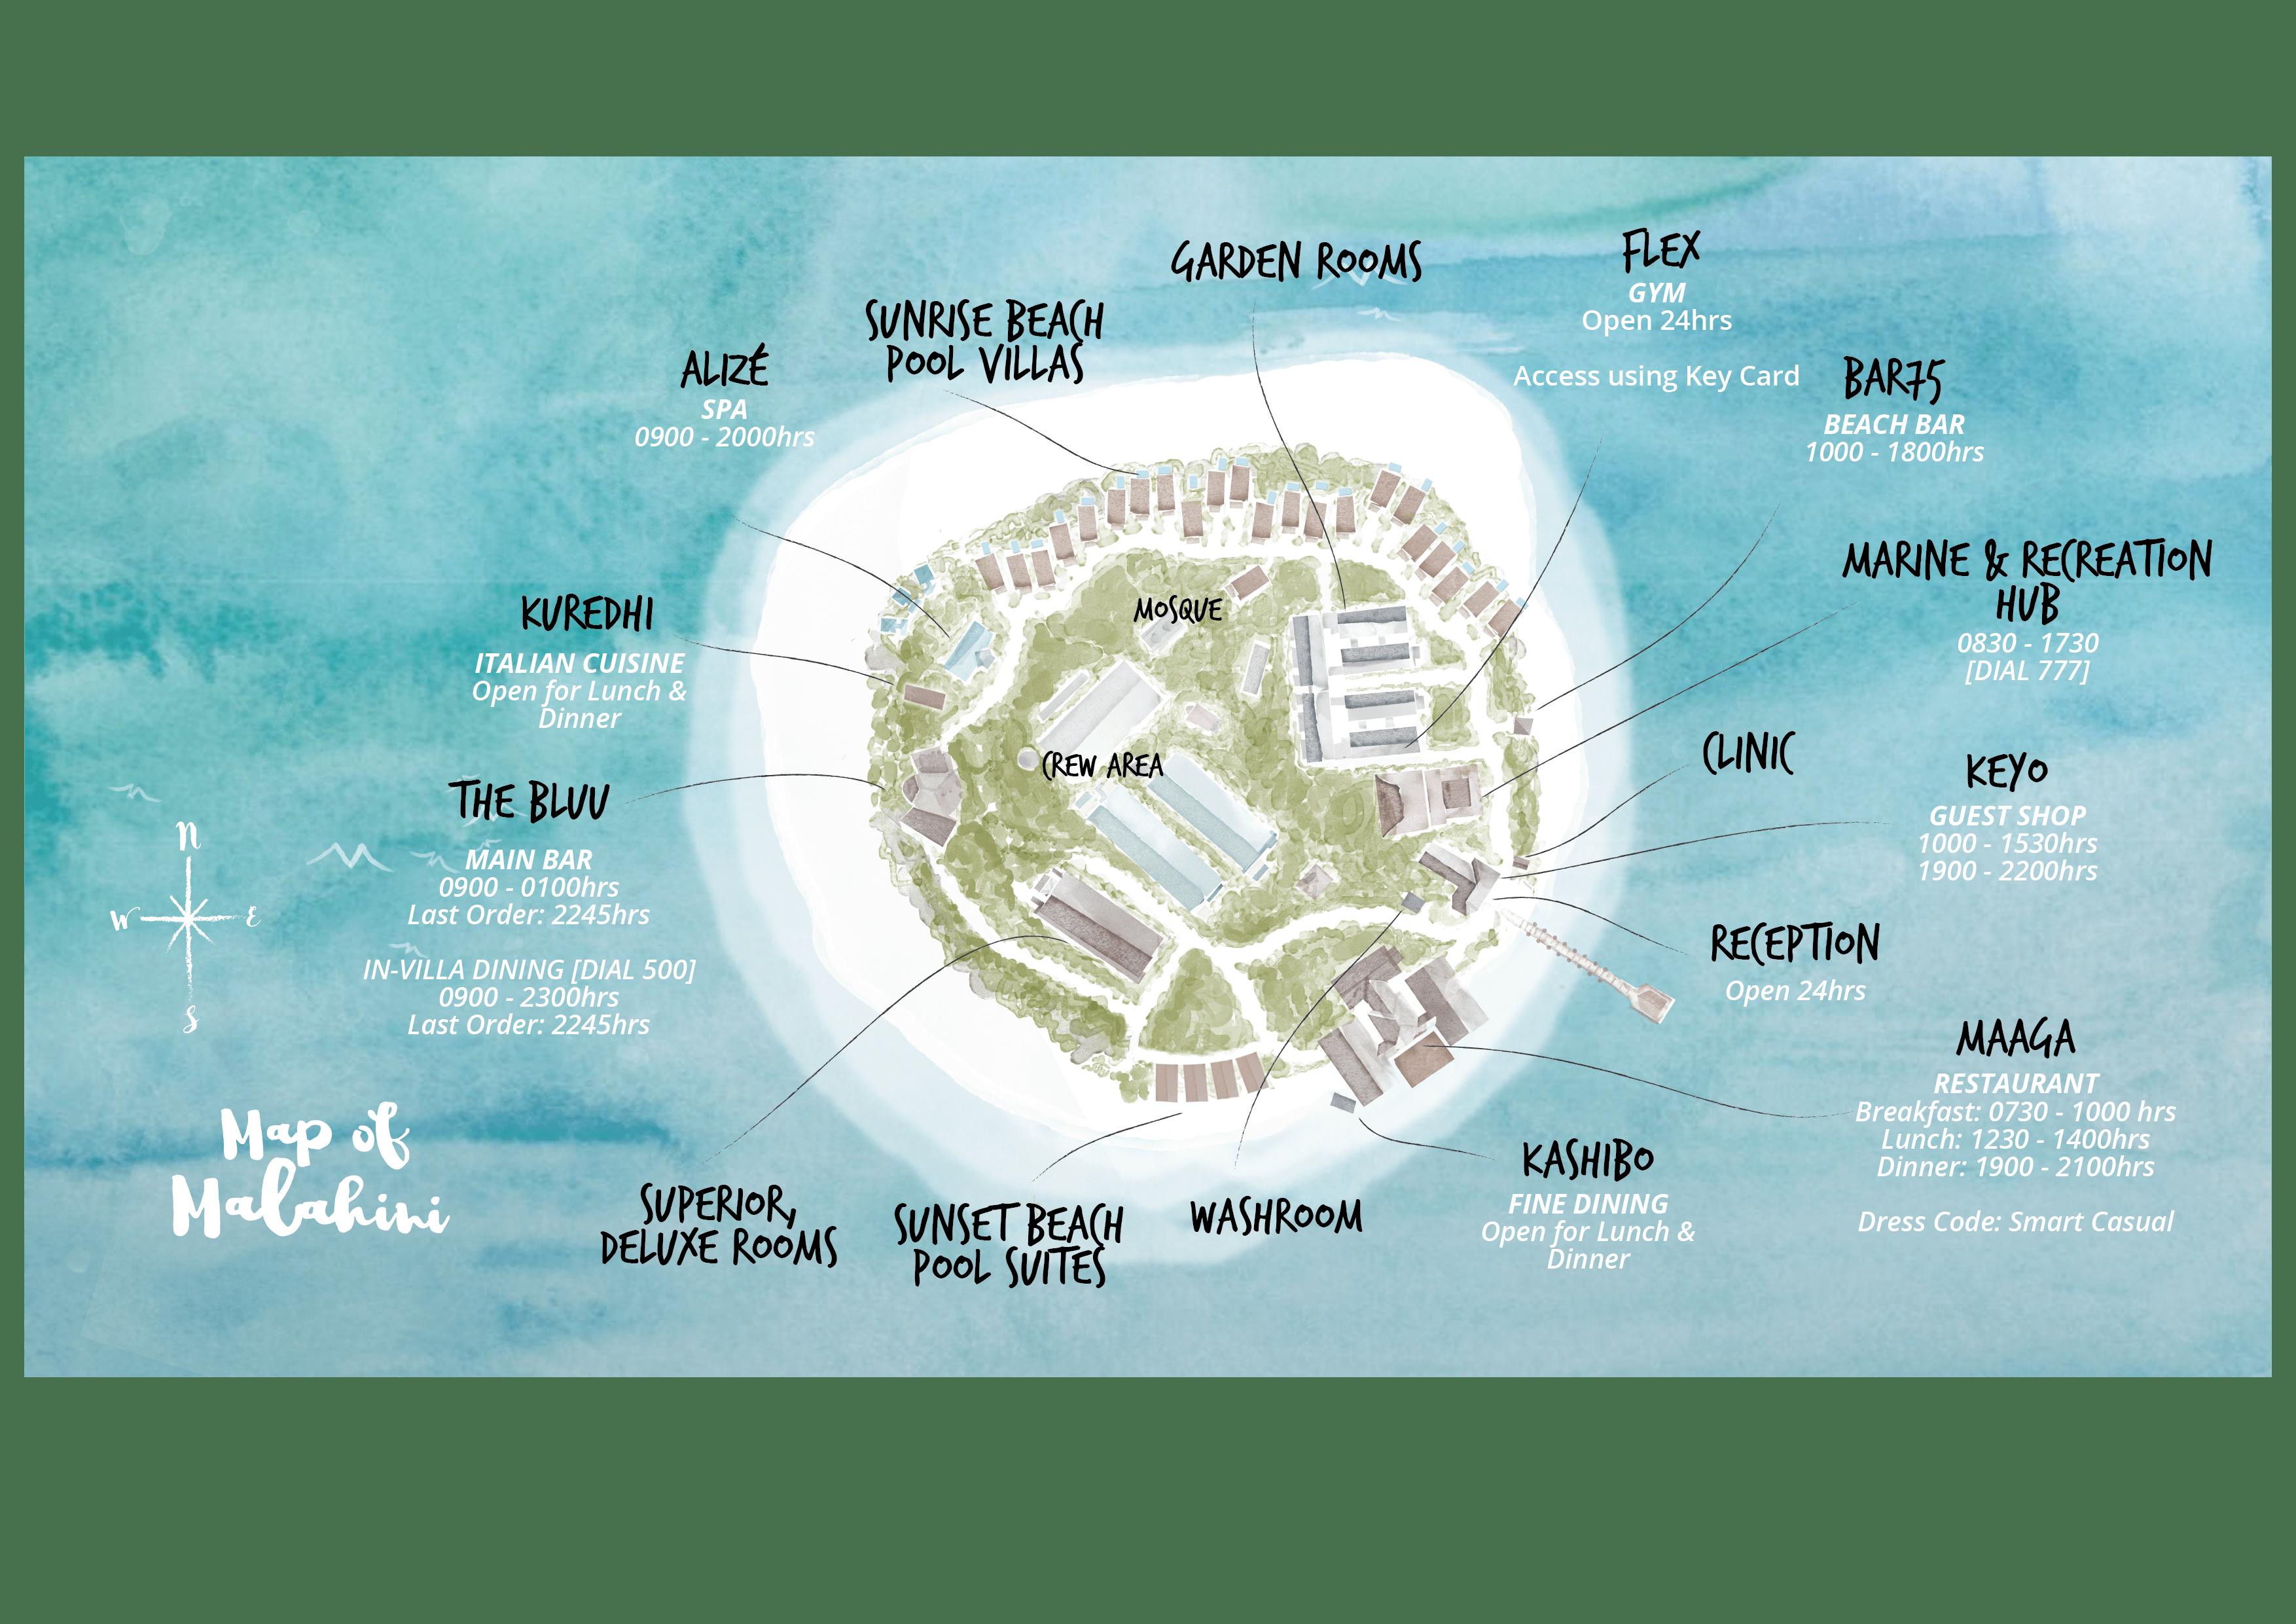 mappa Malahini Kuda Bandos Maldive, Map Maldives